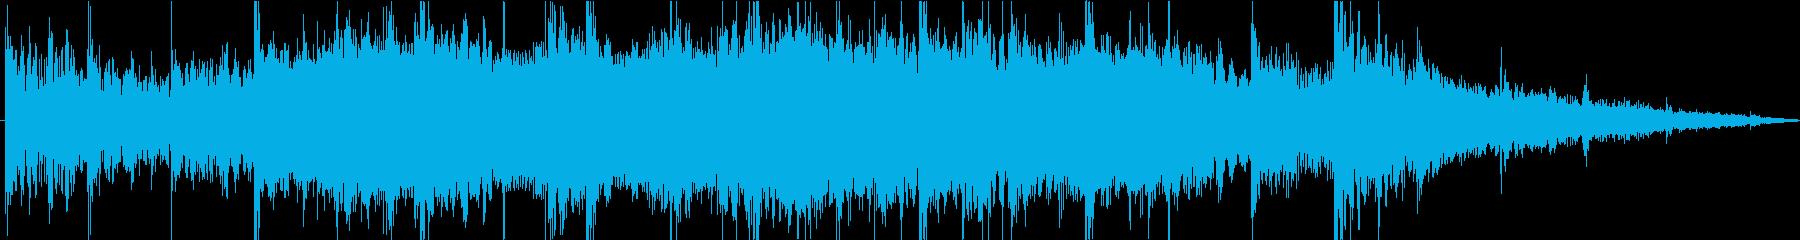 ダイナミックで力強いメロディーの再生済みの波形